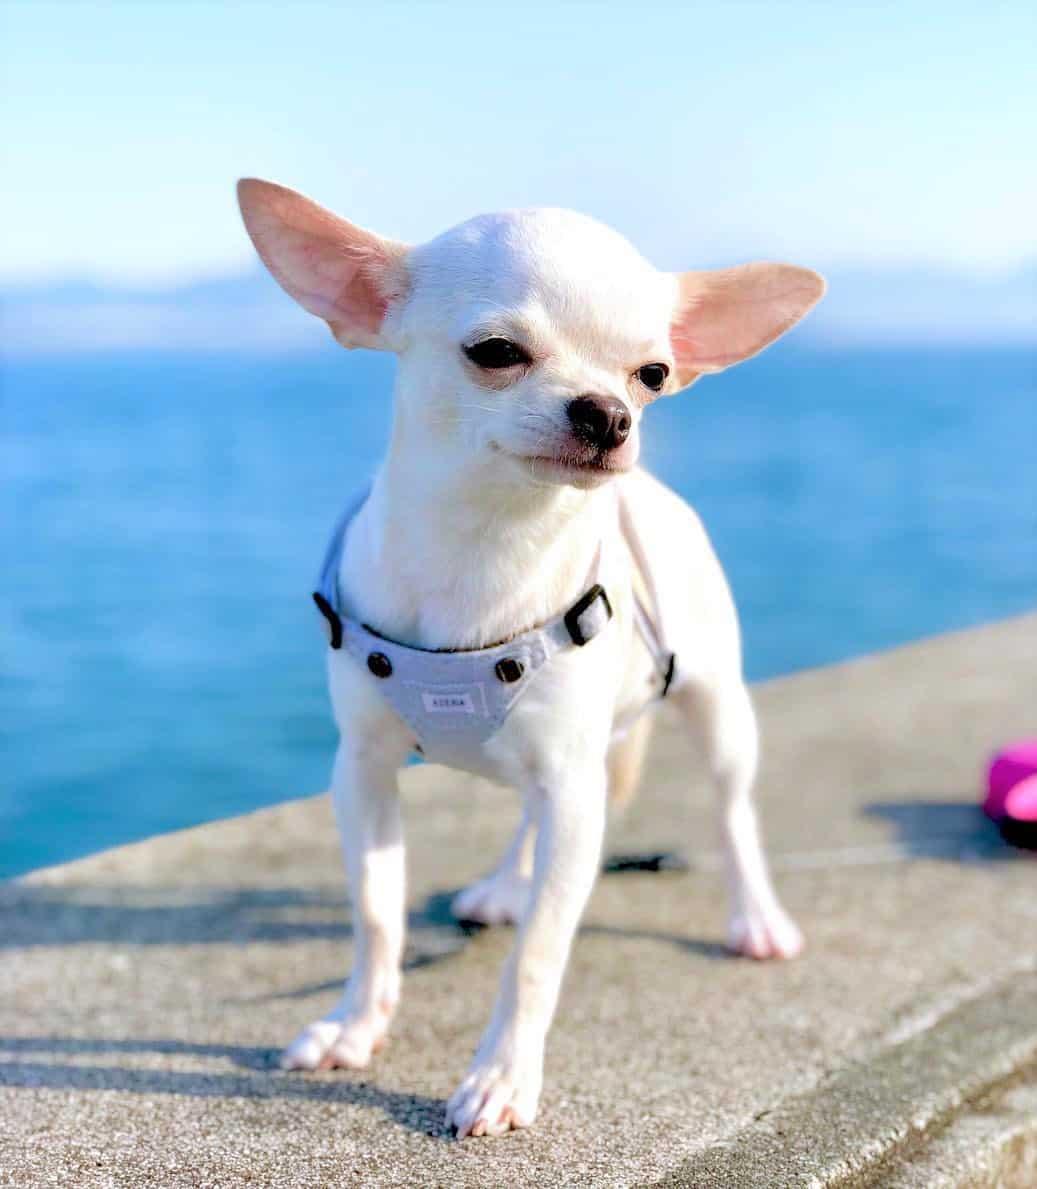 Pure white Chihuahua